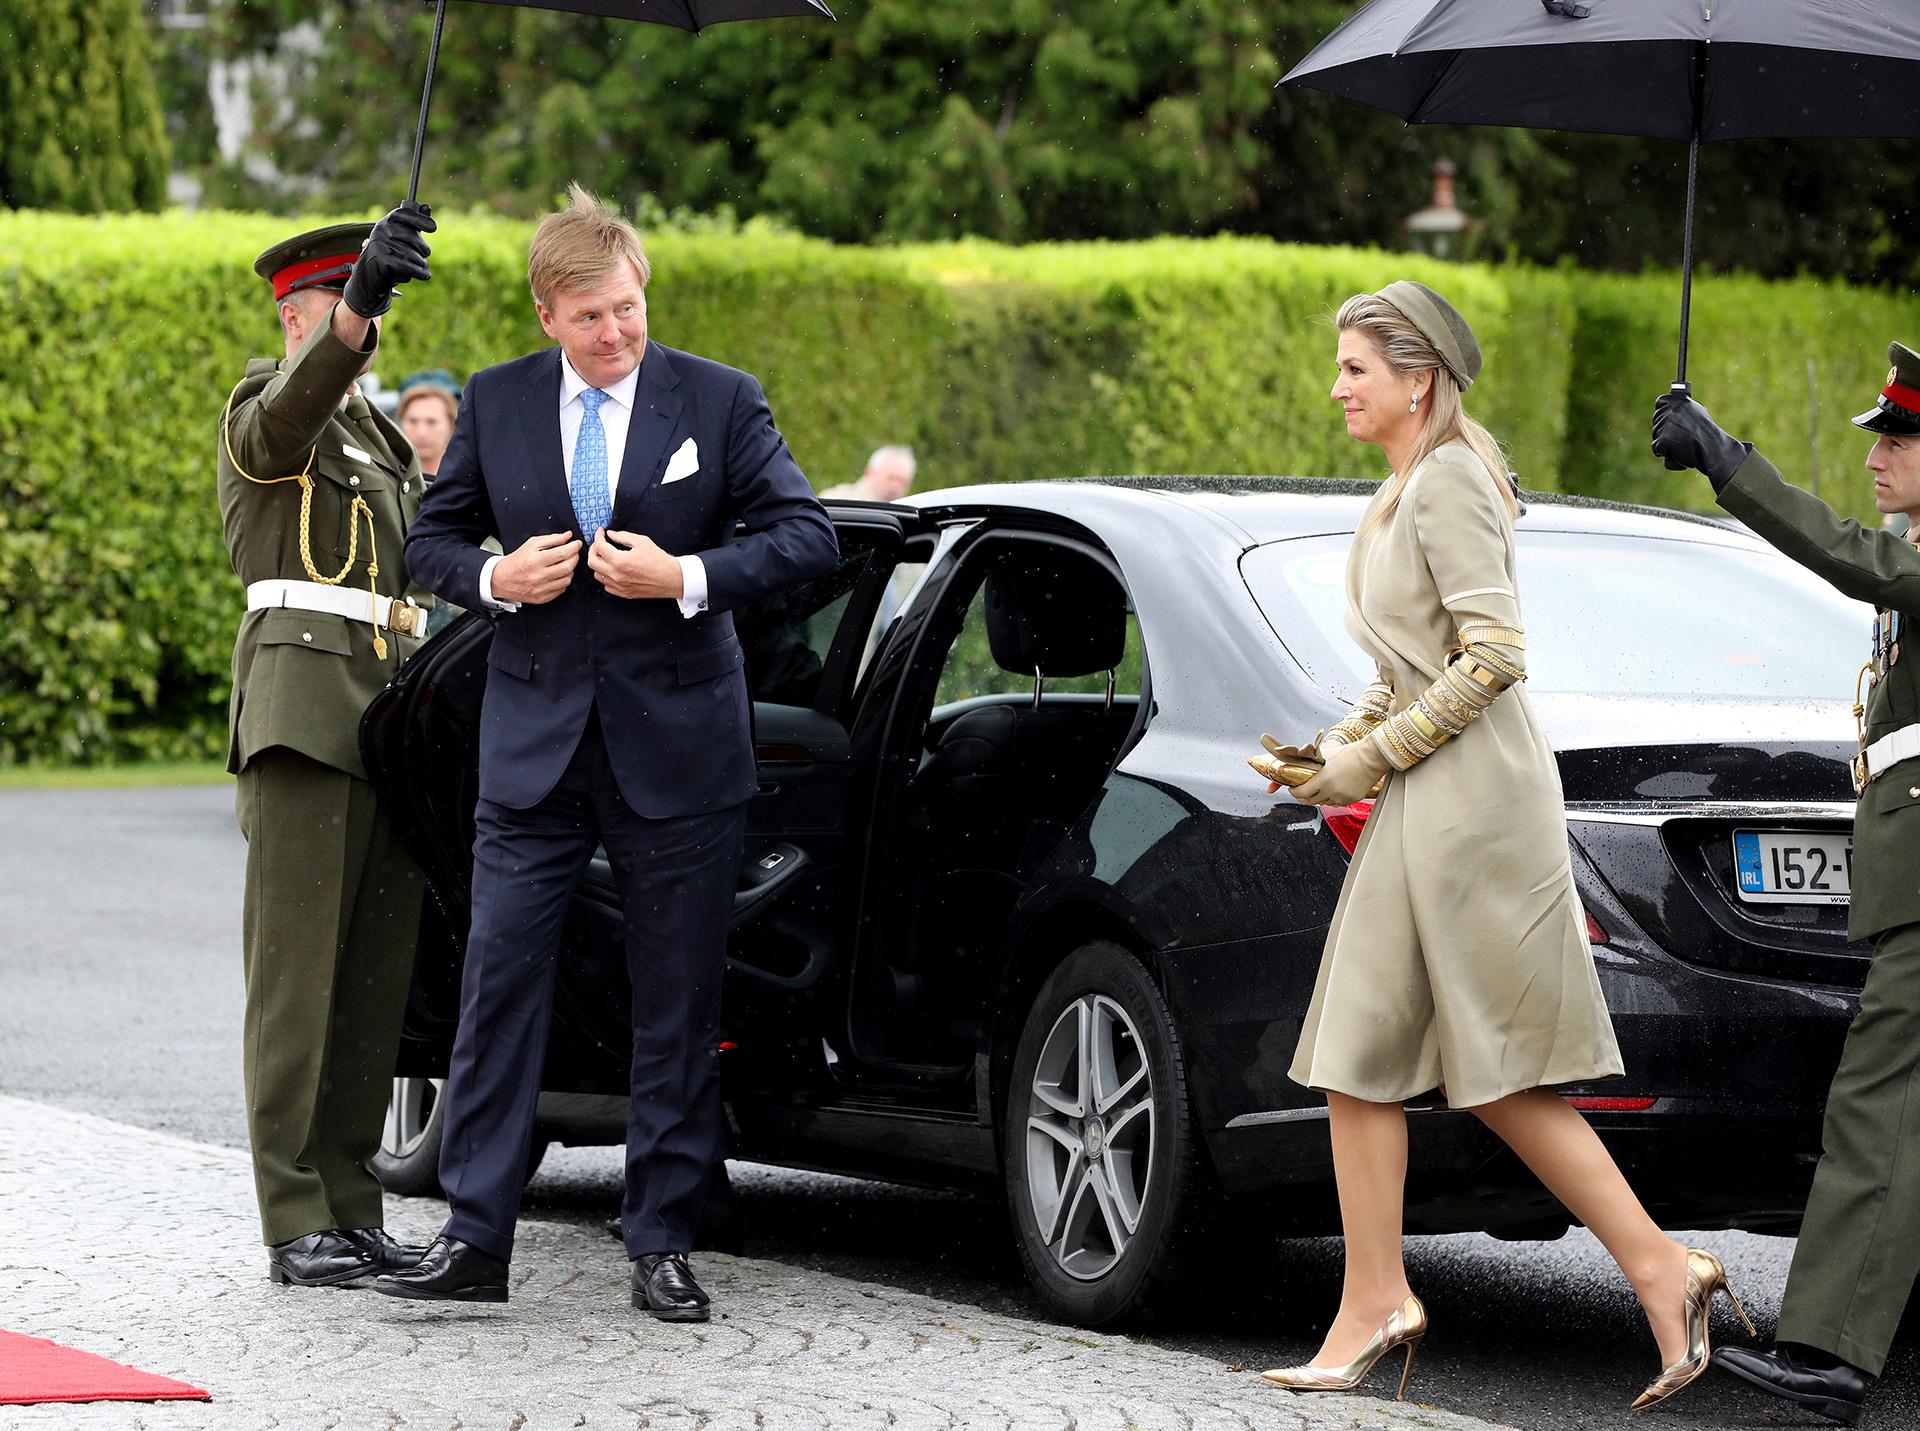 La monarca complementó su look con stilettos y clutch dorados